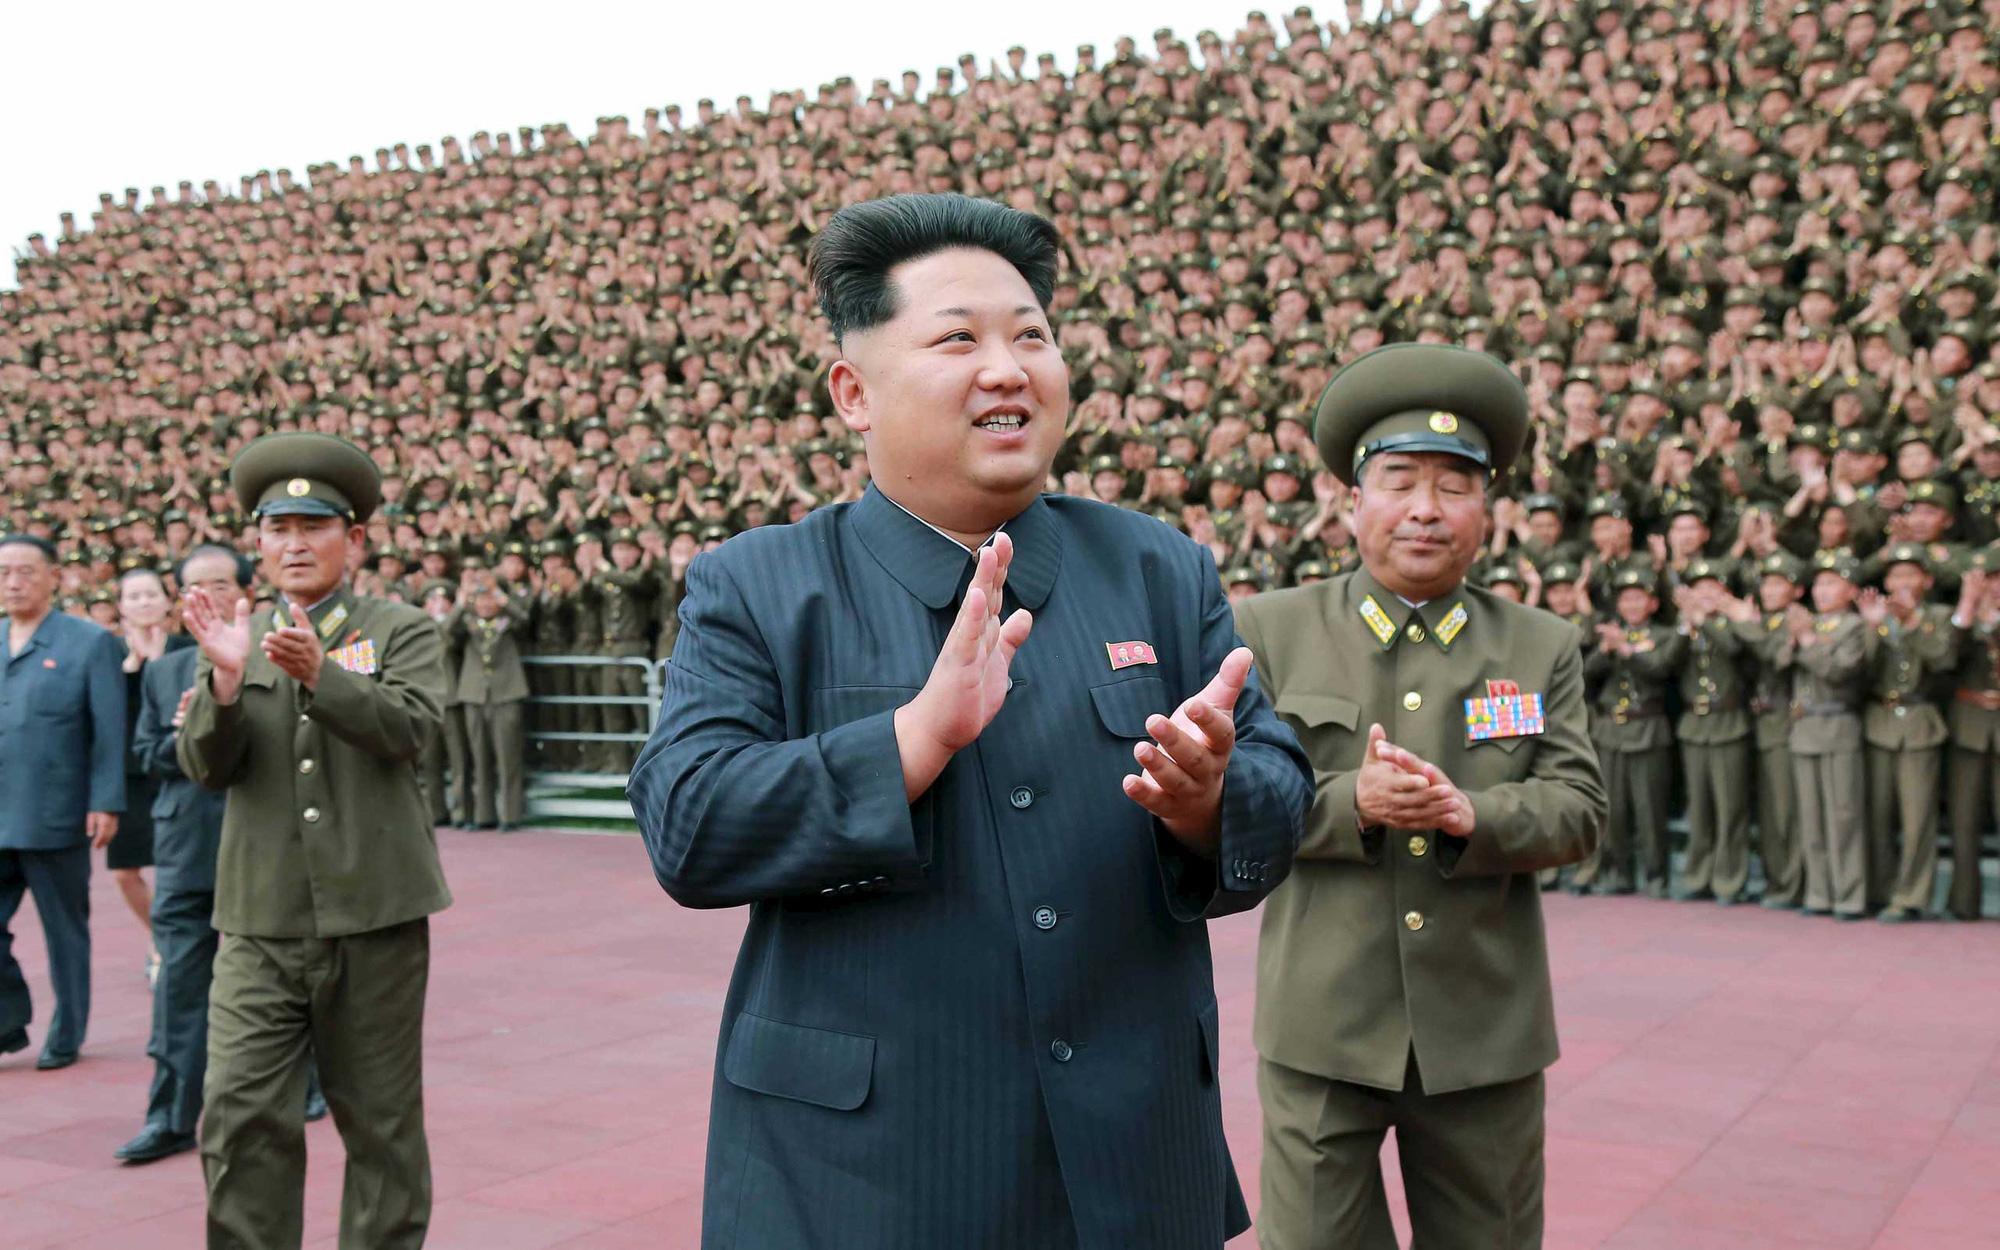 Bật mí về 2 nhân vật quyền lực mới ở Triều Tiên